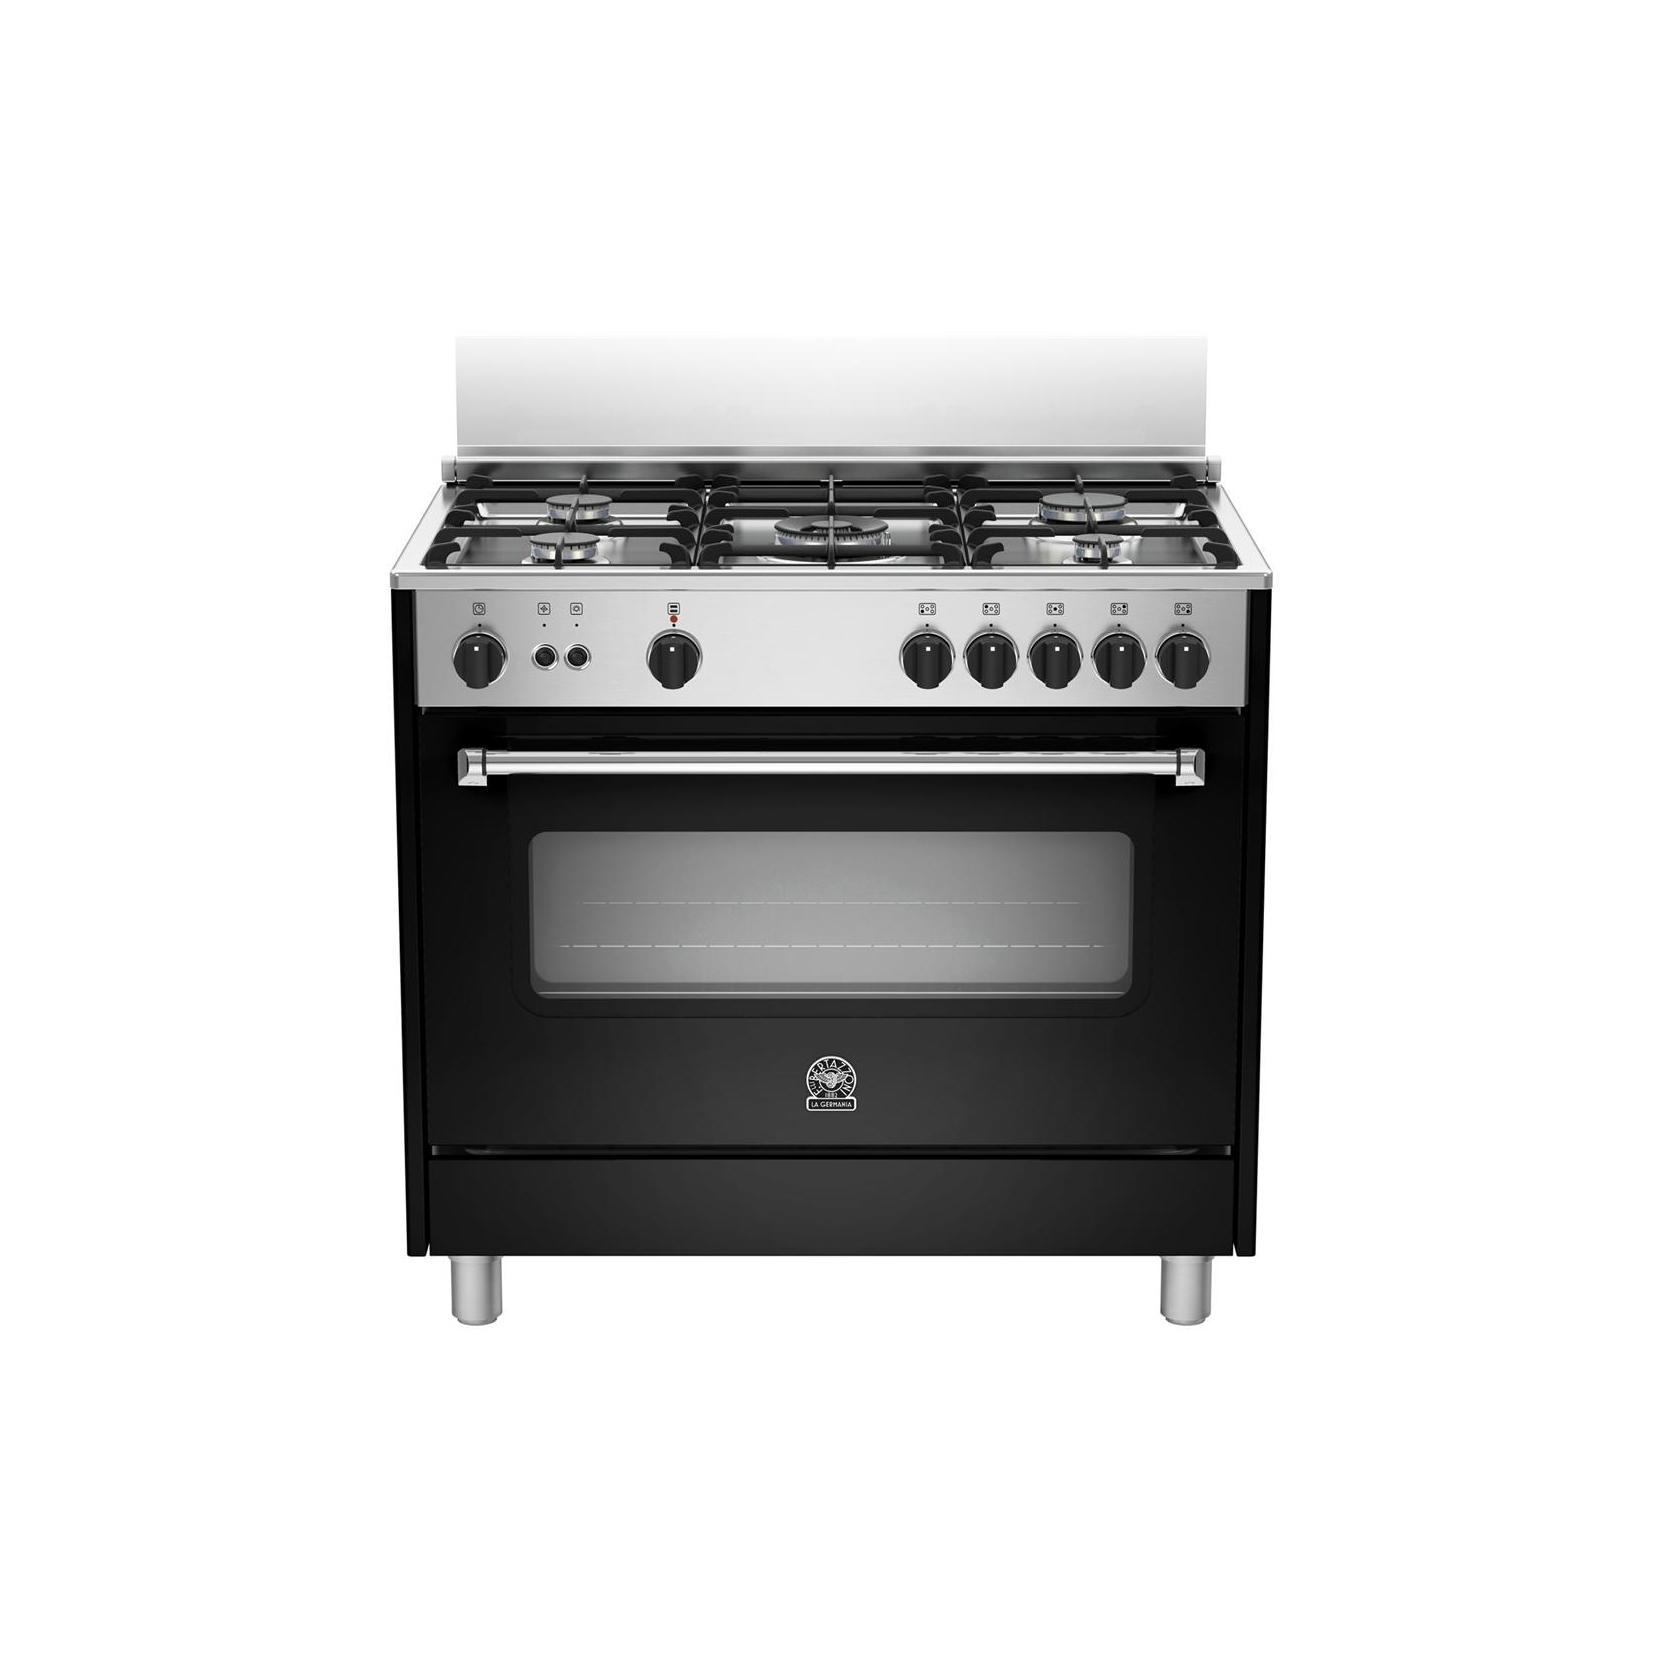 Cucina la germania ams95c61cne cm 90x60 colore nero forno elettrico ventilato elettrovillage - Cucine a gas la germania ...